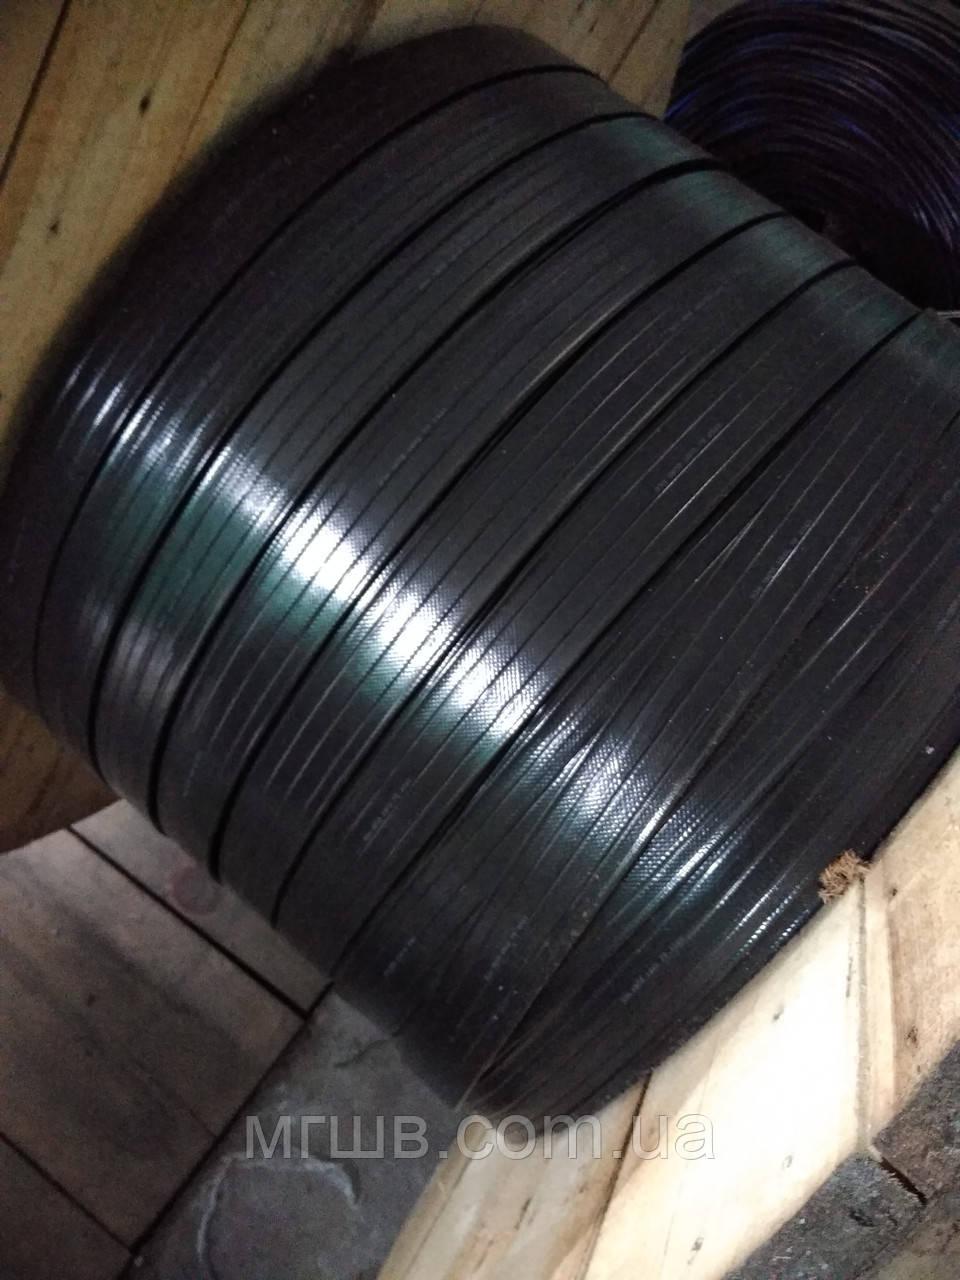 Кабель лифтовой плоский КПЛГ 18Х0х75, КВПЛ 18х0.75, КПЛ 18Х0.75 кабель для лифтов от производителя лифтовый